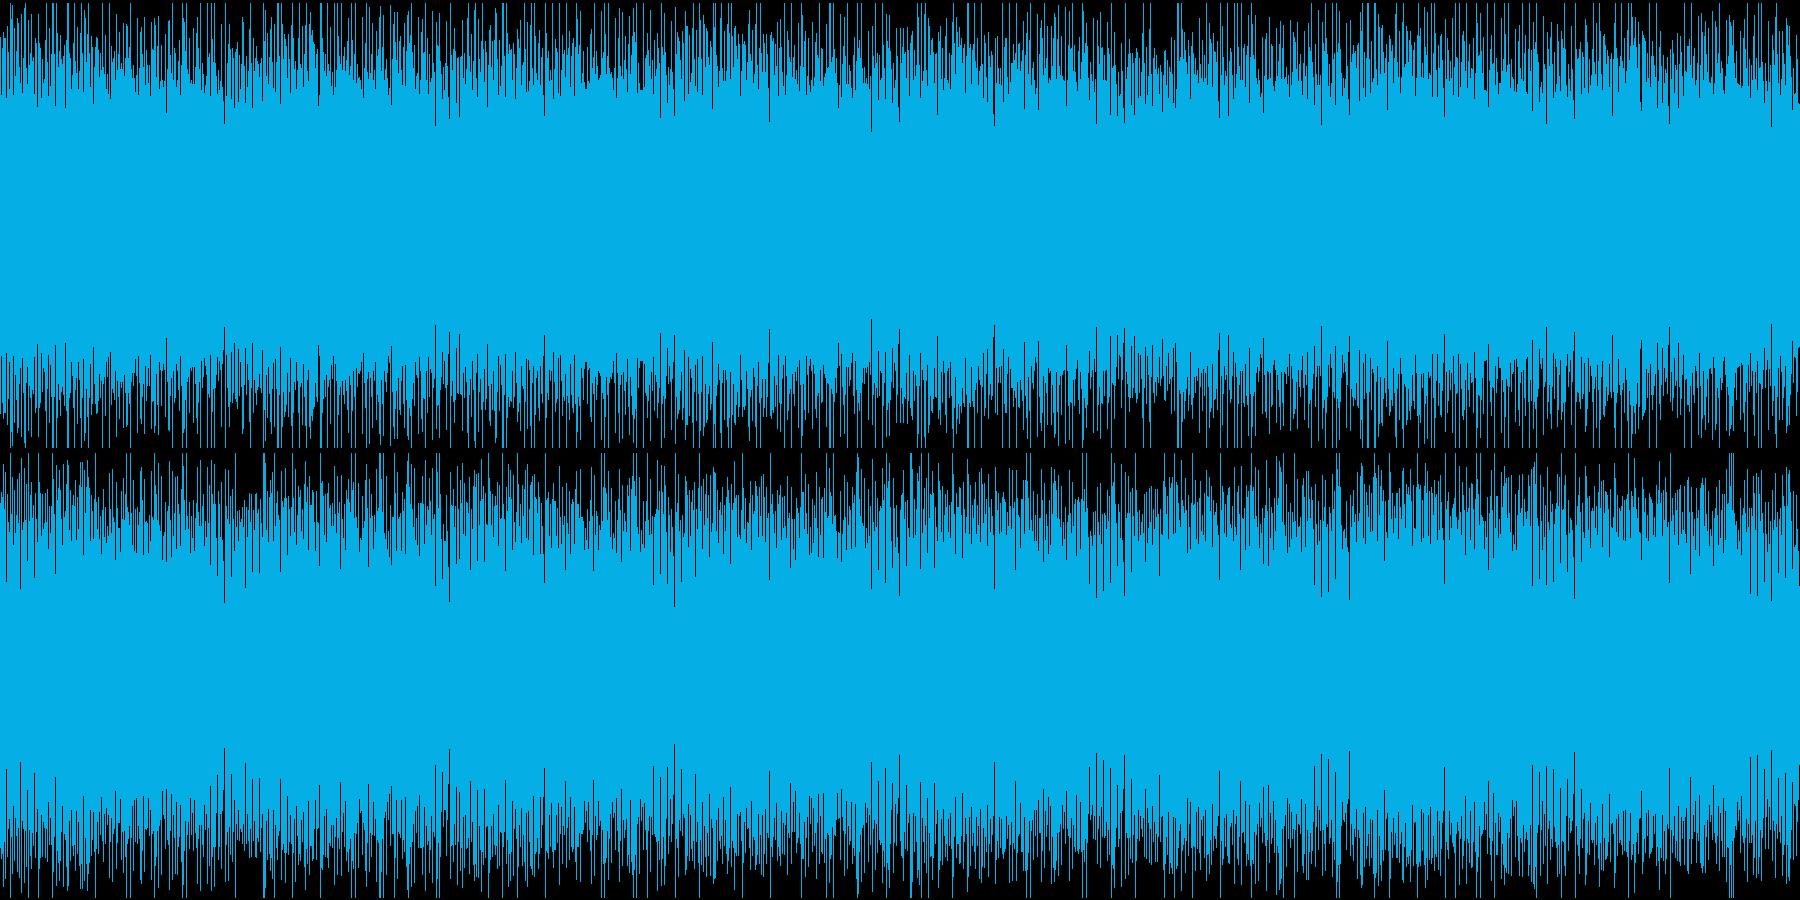 軽快でかわいいエレクトロループの再生済みの波形